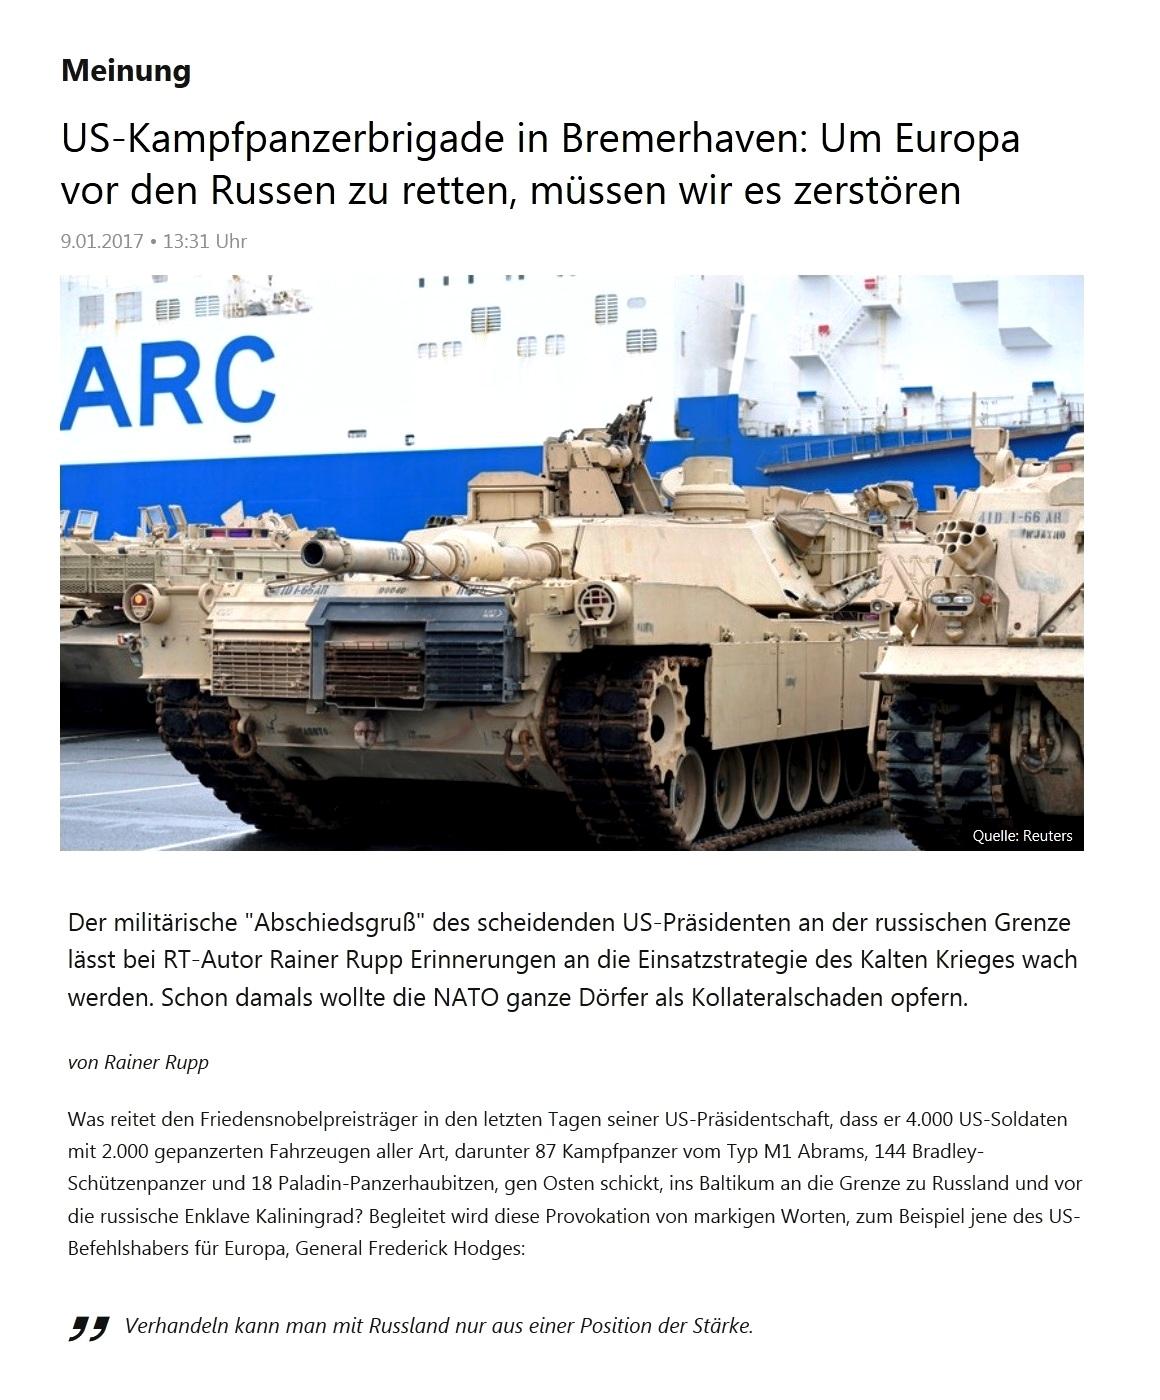 US-Kampfpanzerbrigade in Bremerhaven: Um Europa vor den Russen zu retten, müssen wir es zerstören